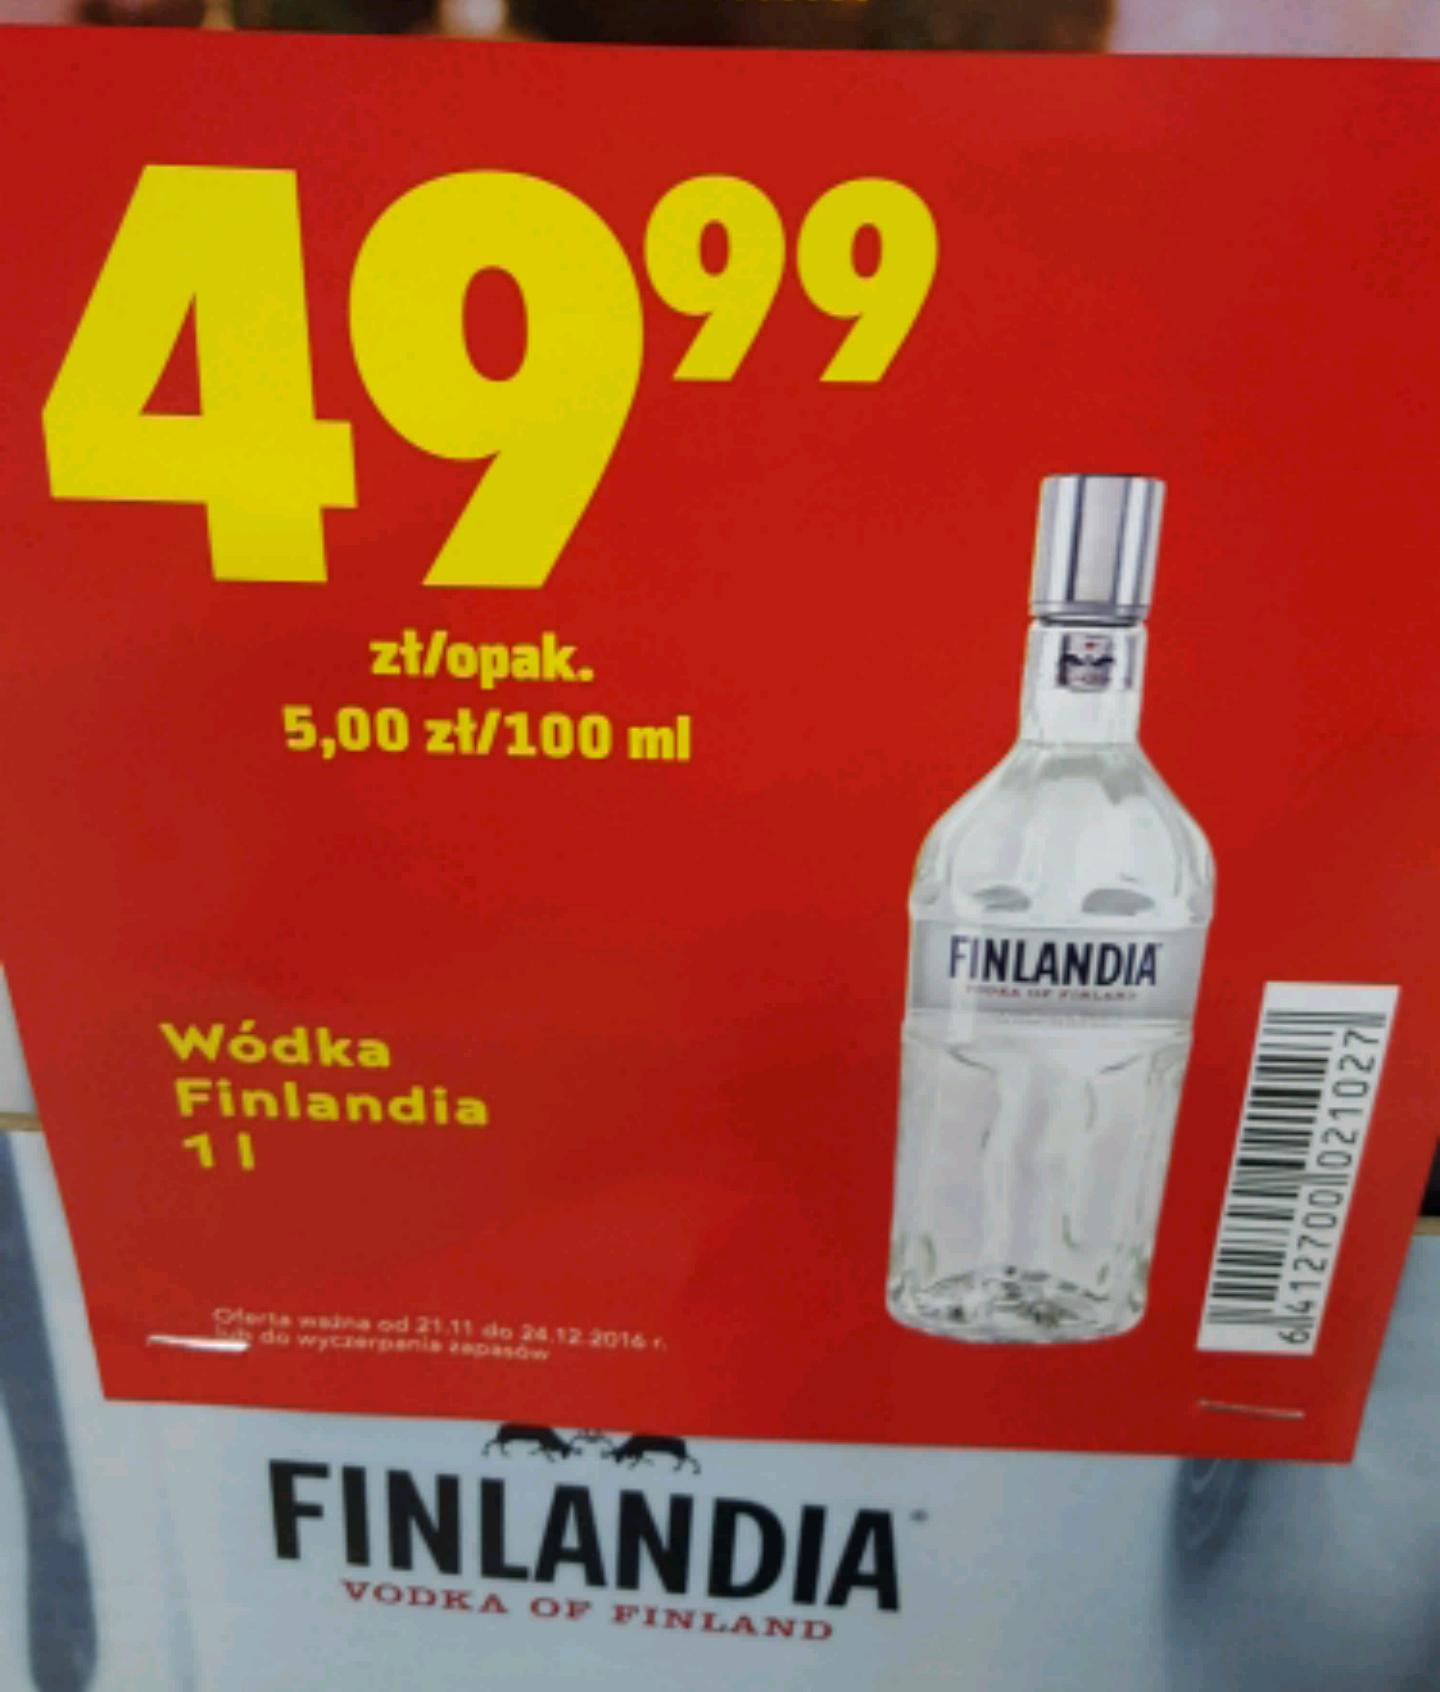 Finlandia 1l za 49.99 w Biedronce